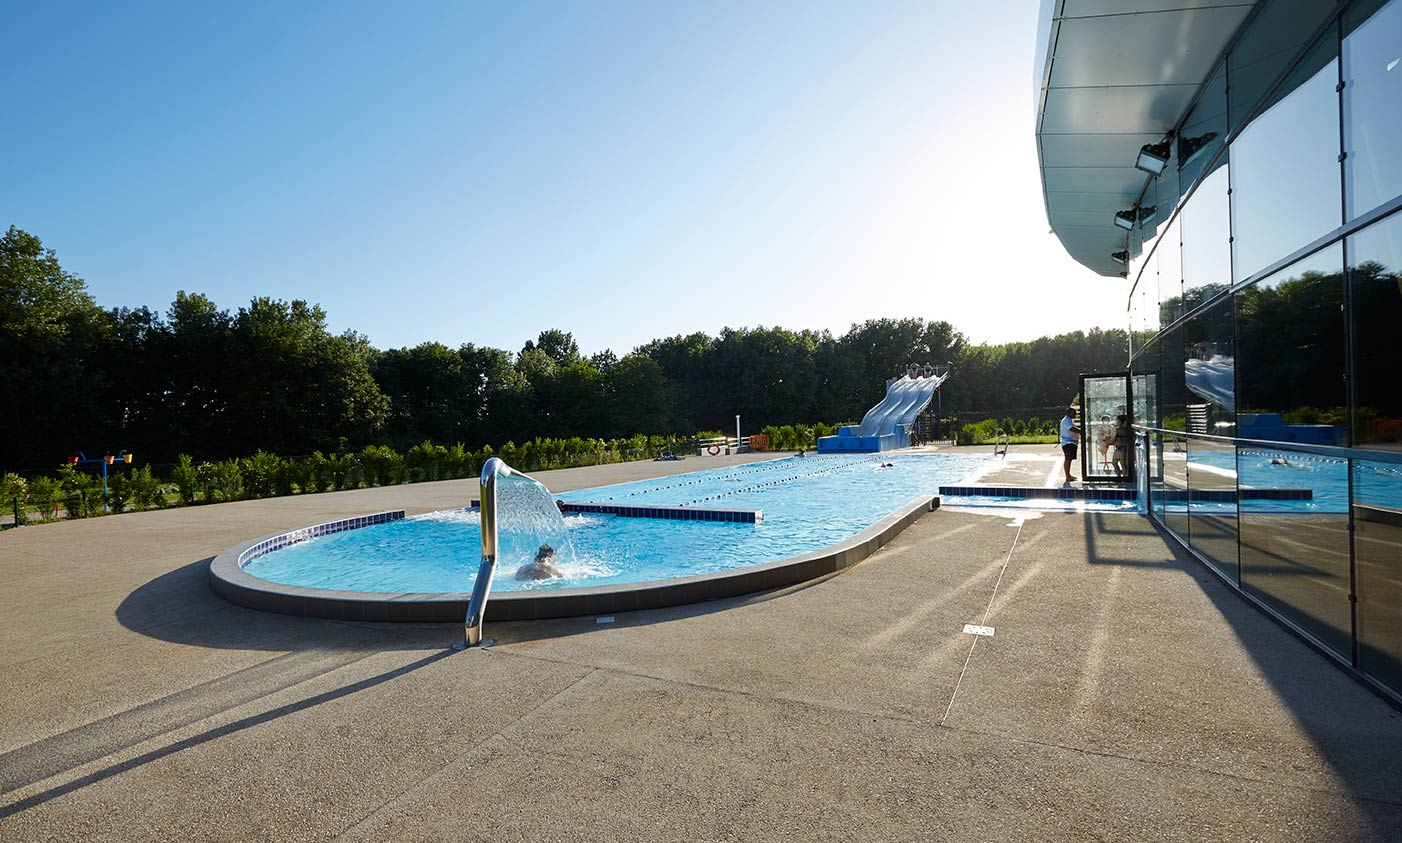 Centre aquatique agl 39 eau blois office de tourisme for Piscine agl eau blois